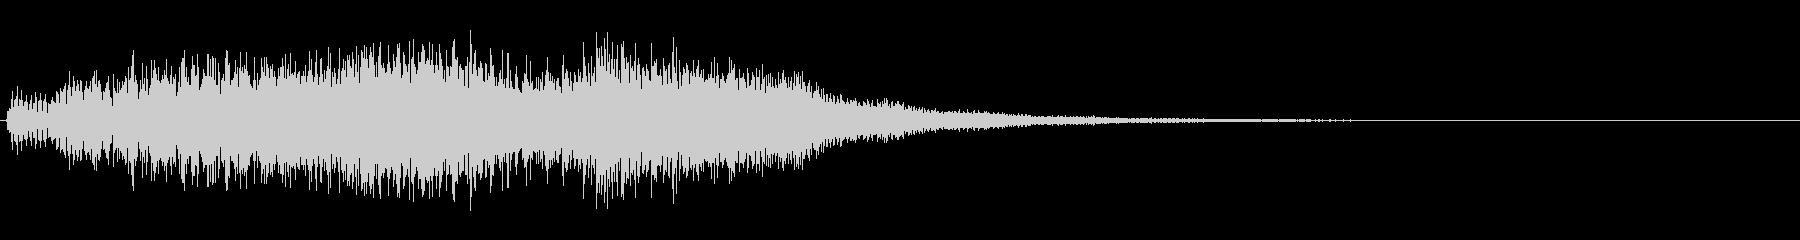 キュルルルン(透明感のある流星音)の未再生の波形